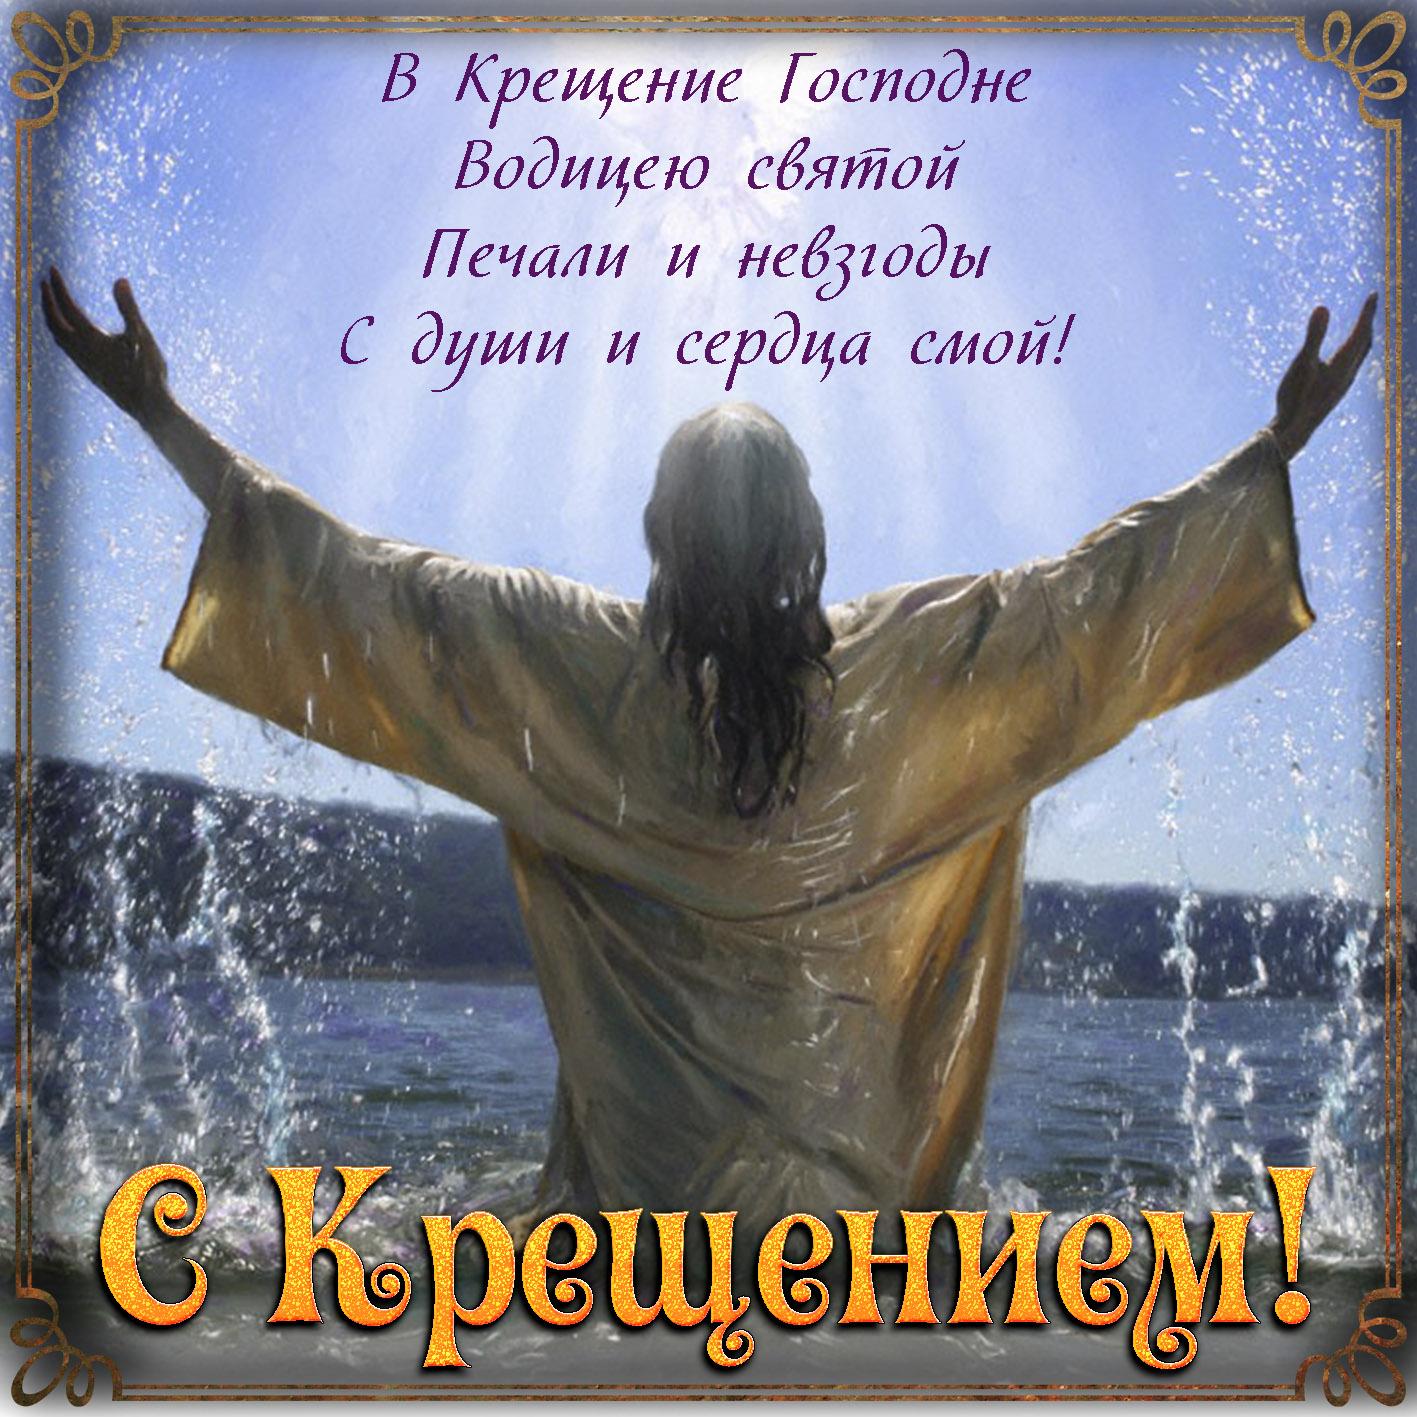 Открытка на Крещение с Господом в воде